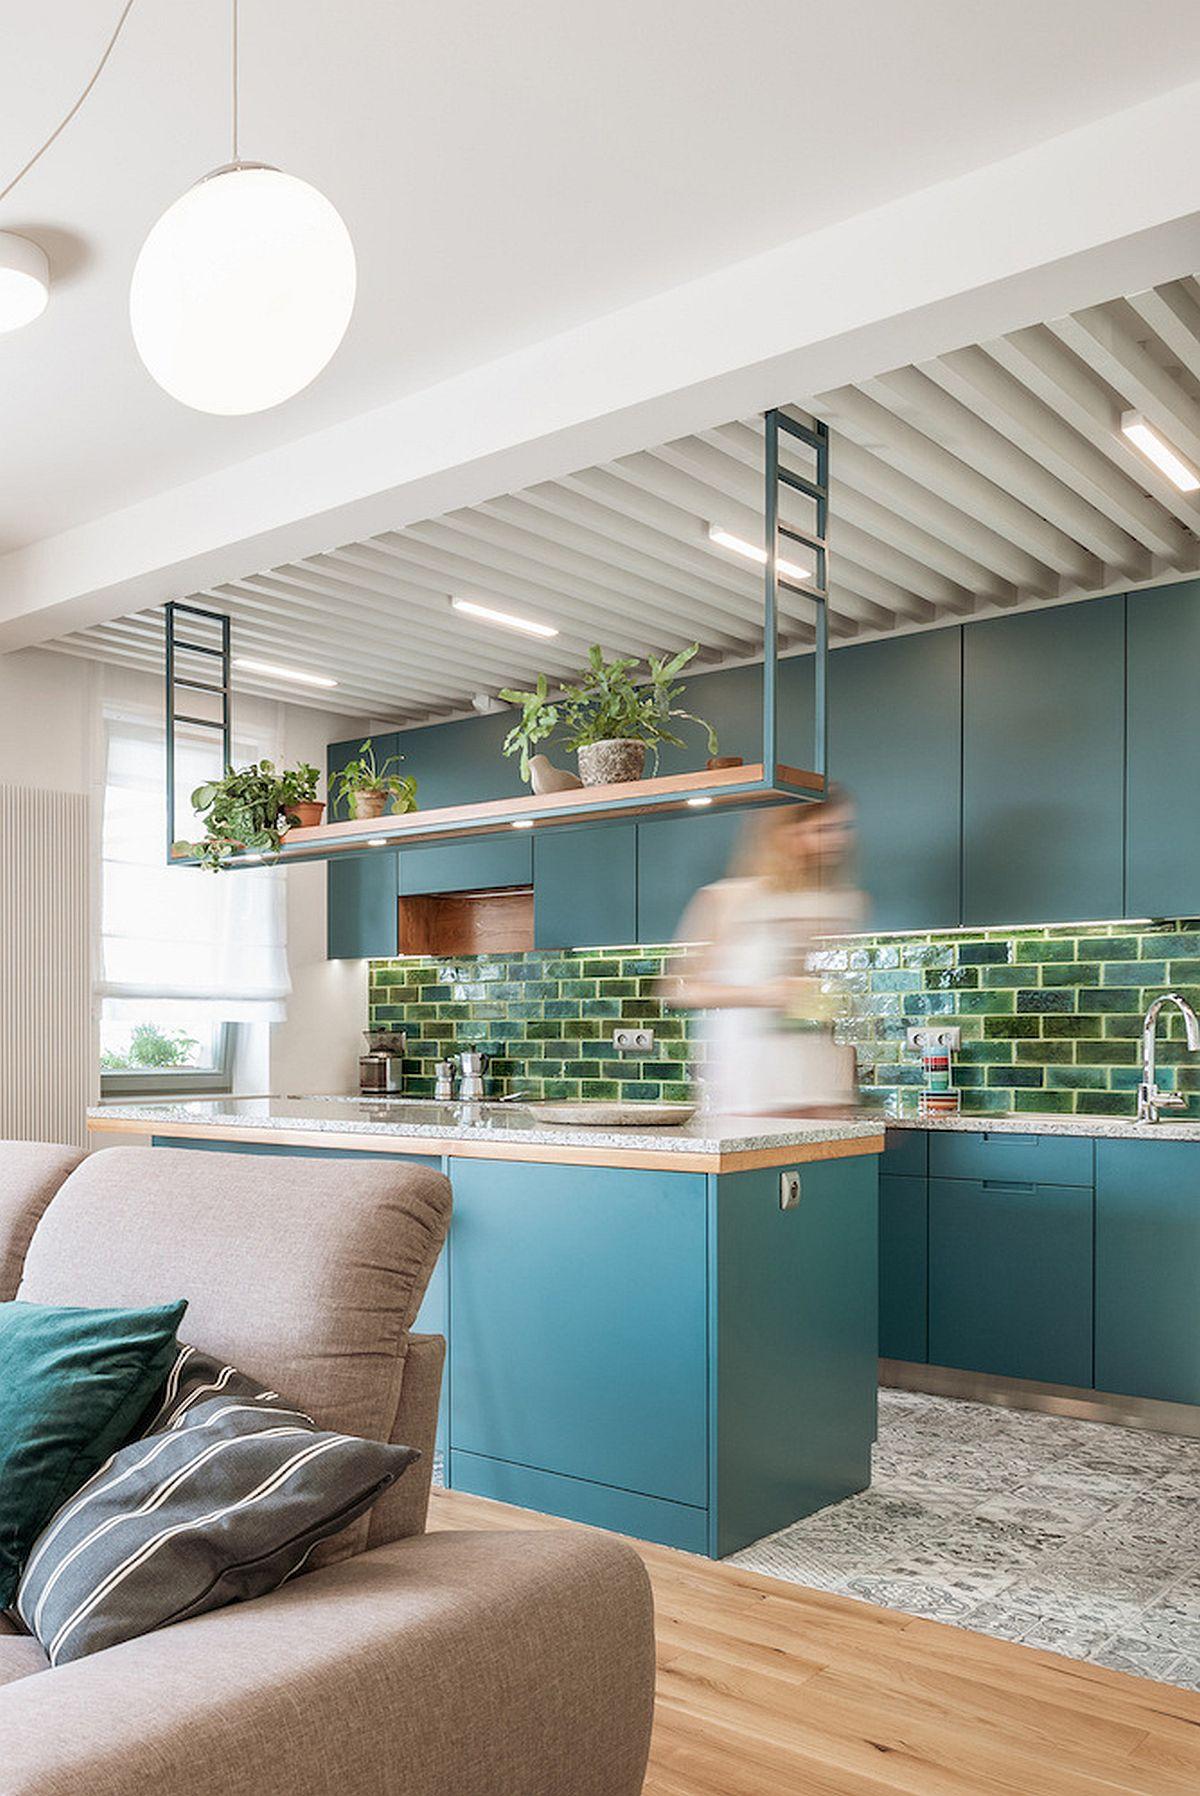 La nivelul plafonului din bucătărie sunt prevăzute riflaje printre ele fiind prezente sursele de iluminat.